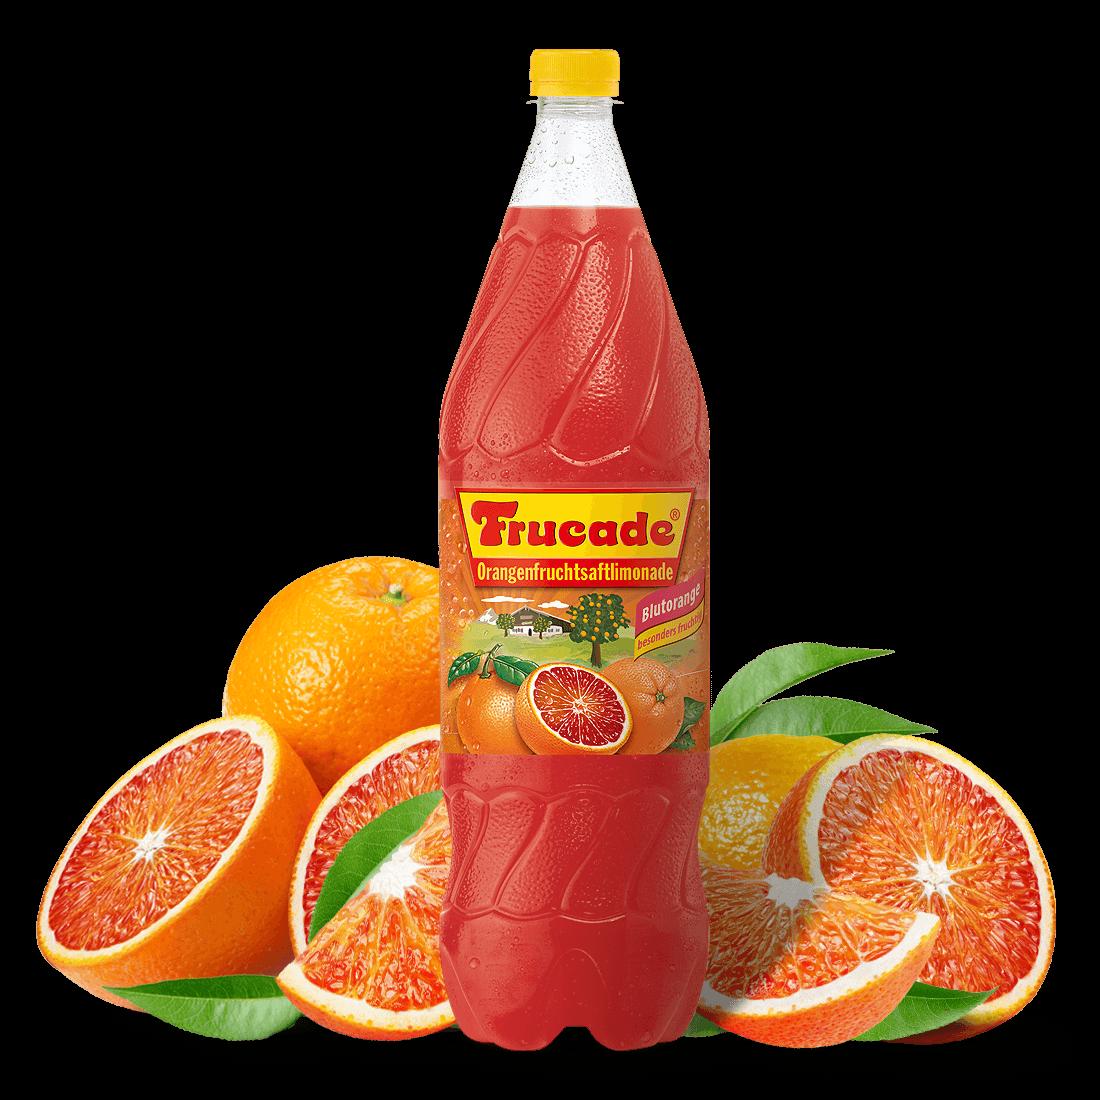 Blutorangenfruchtsaftlimonade